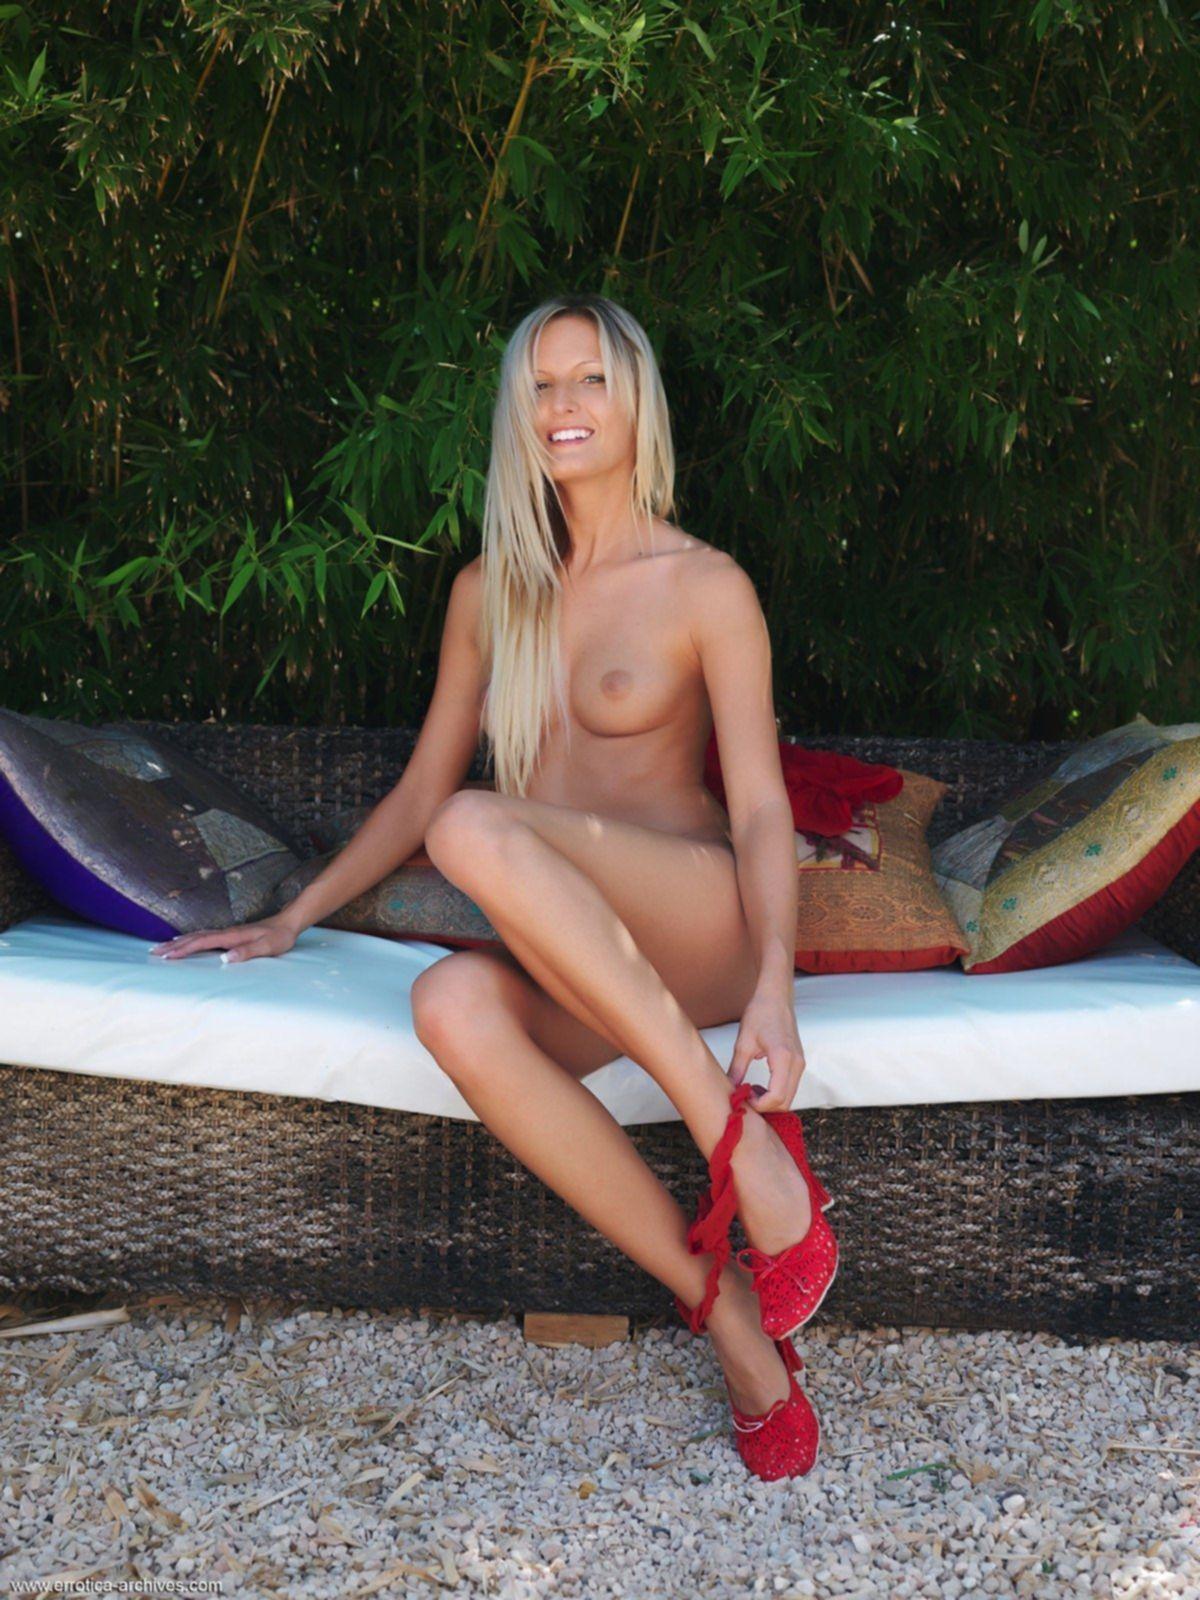 Голая блондинка раздвинула длинные ноги - фото